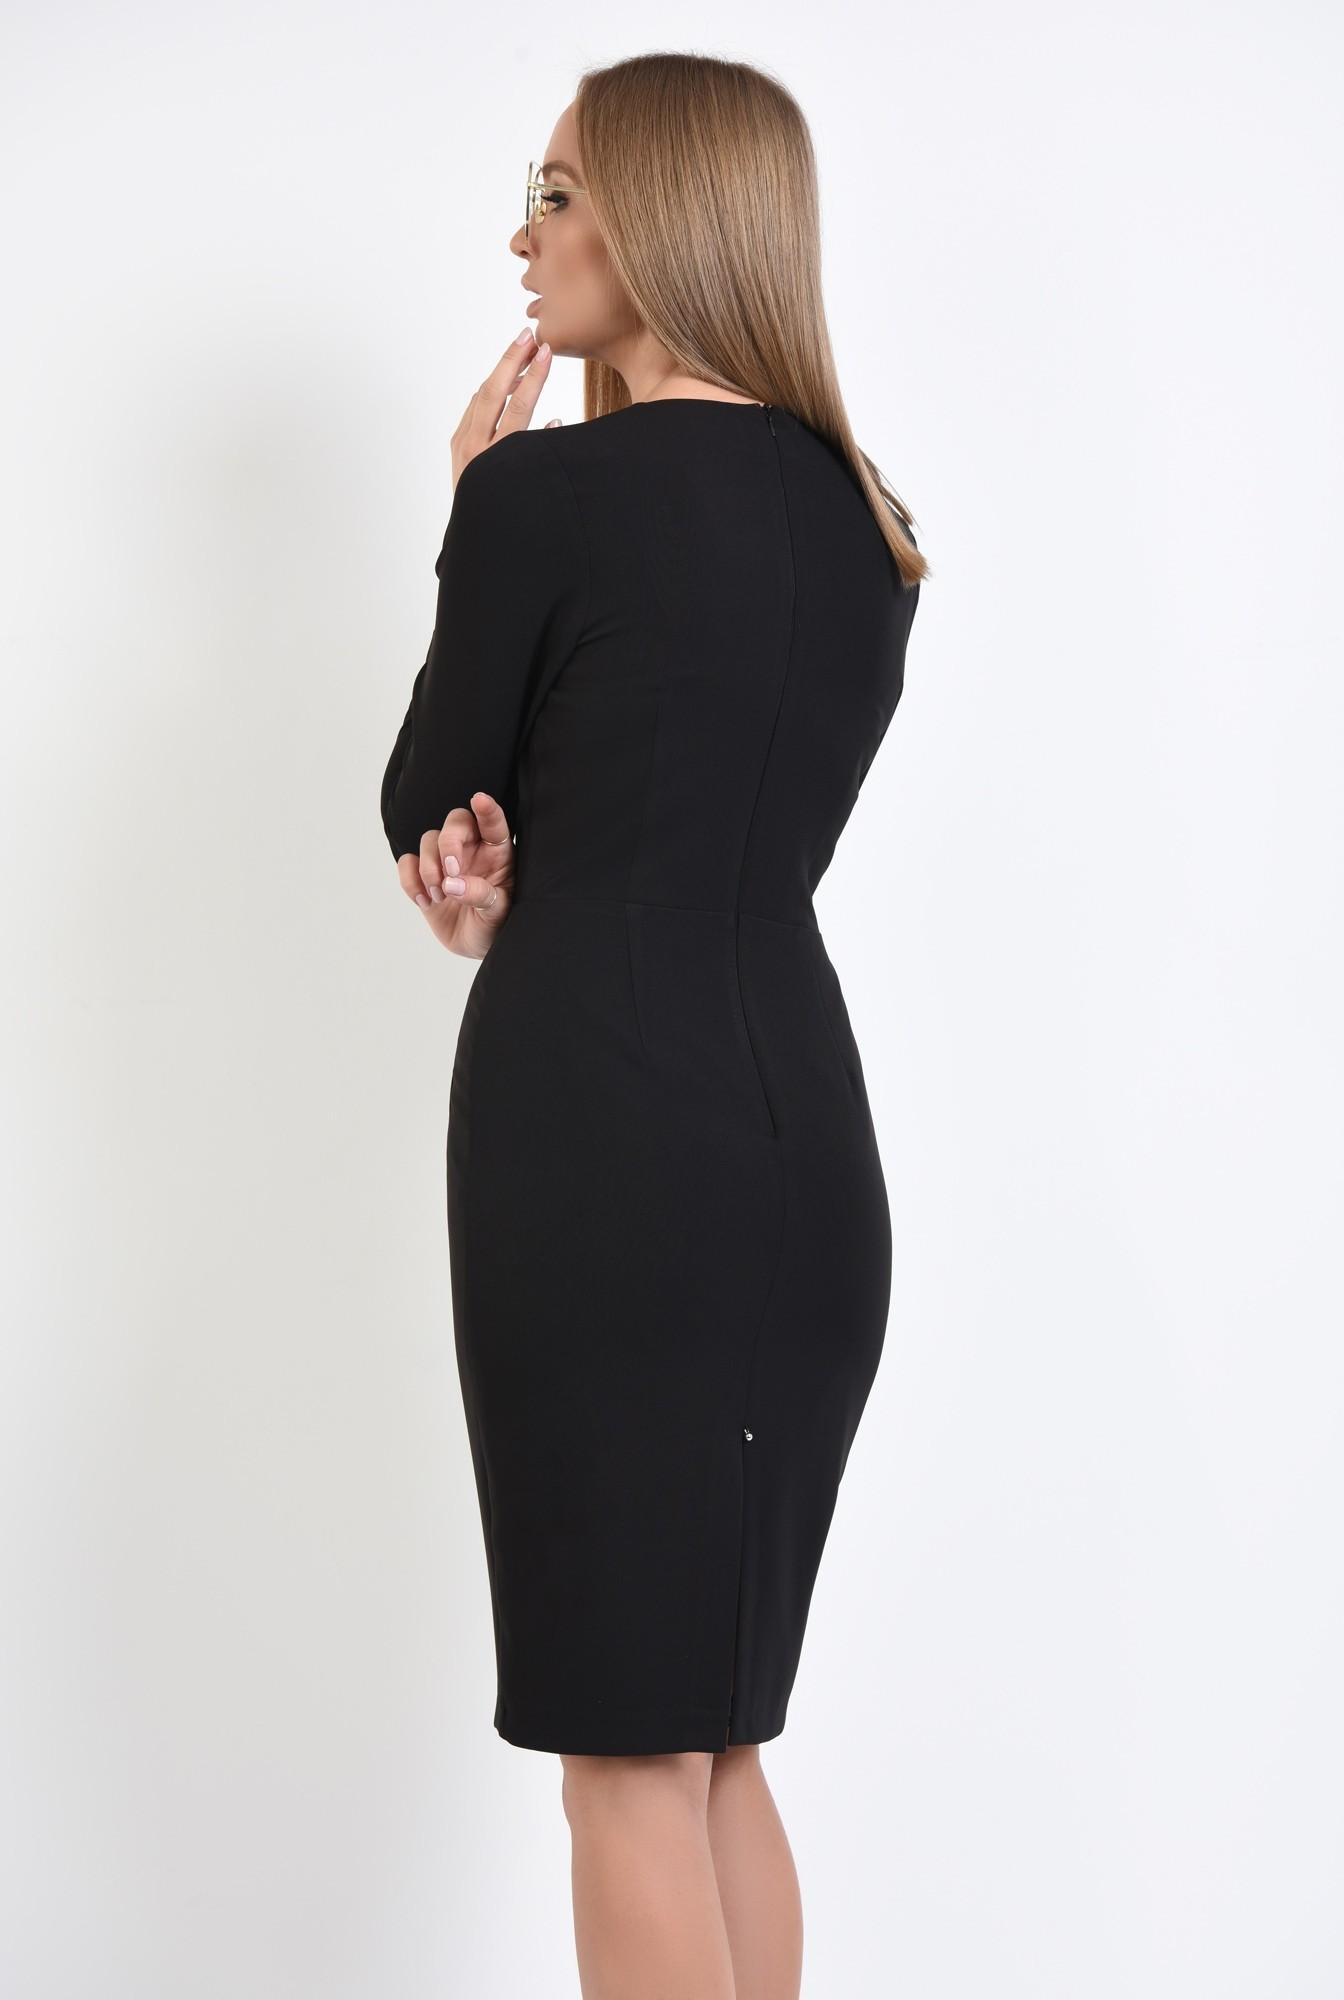 1 - rochie casual, neagra, cambrata, maneci lungi, nasturi metalici